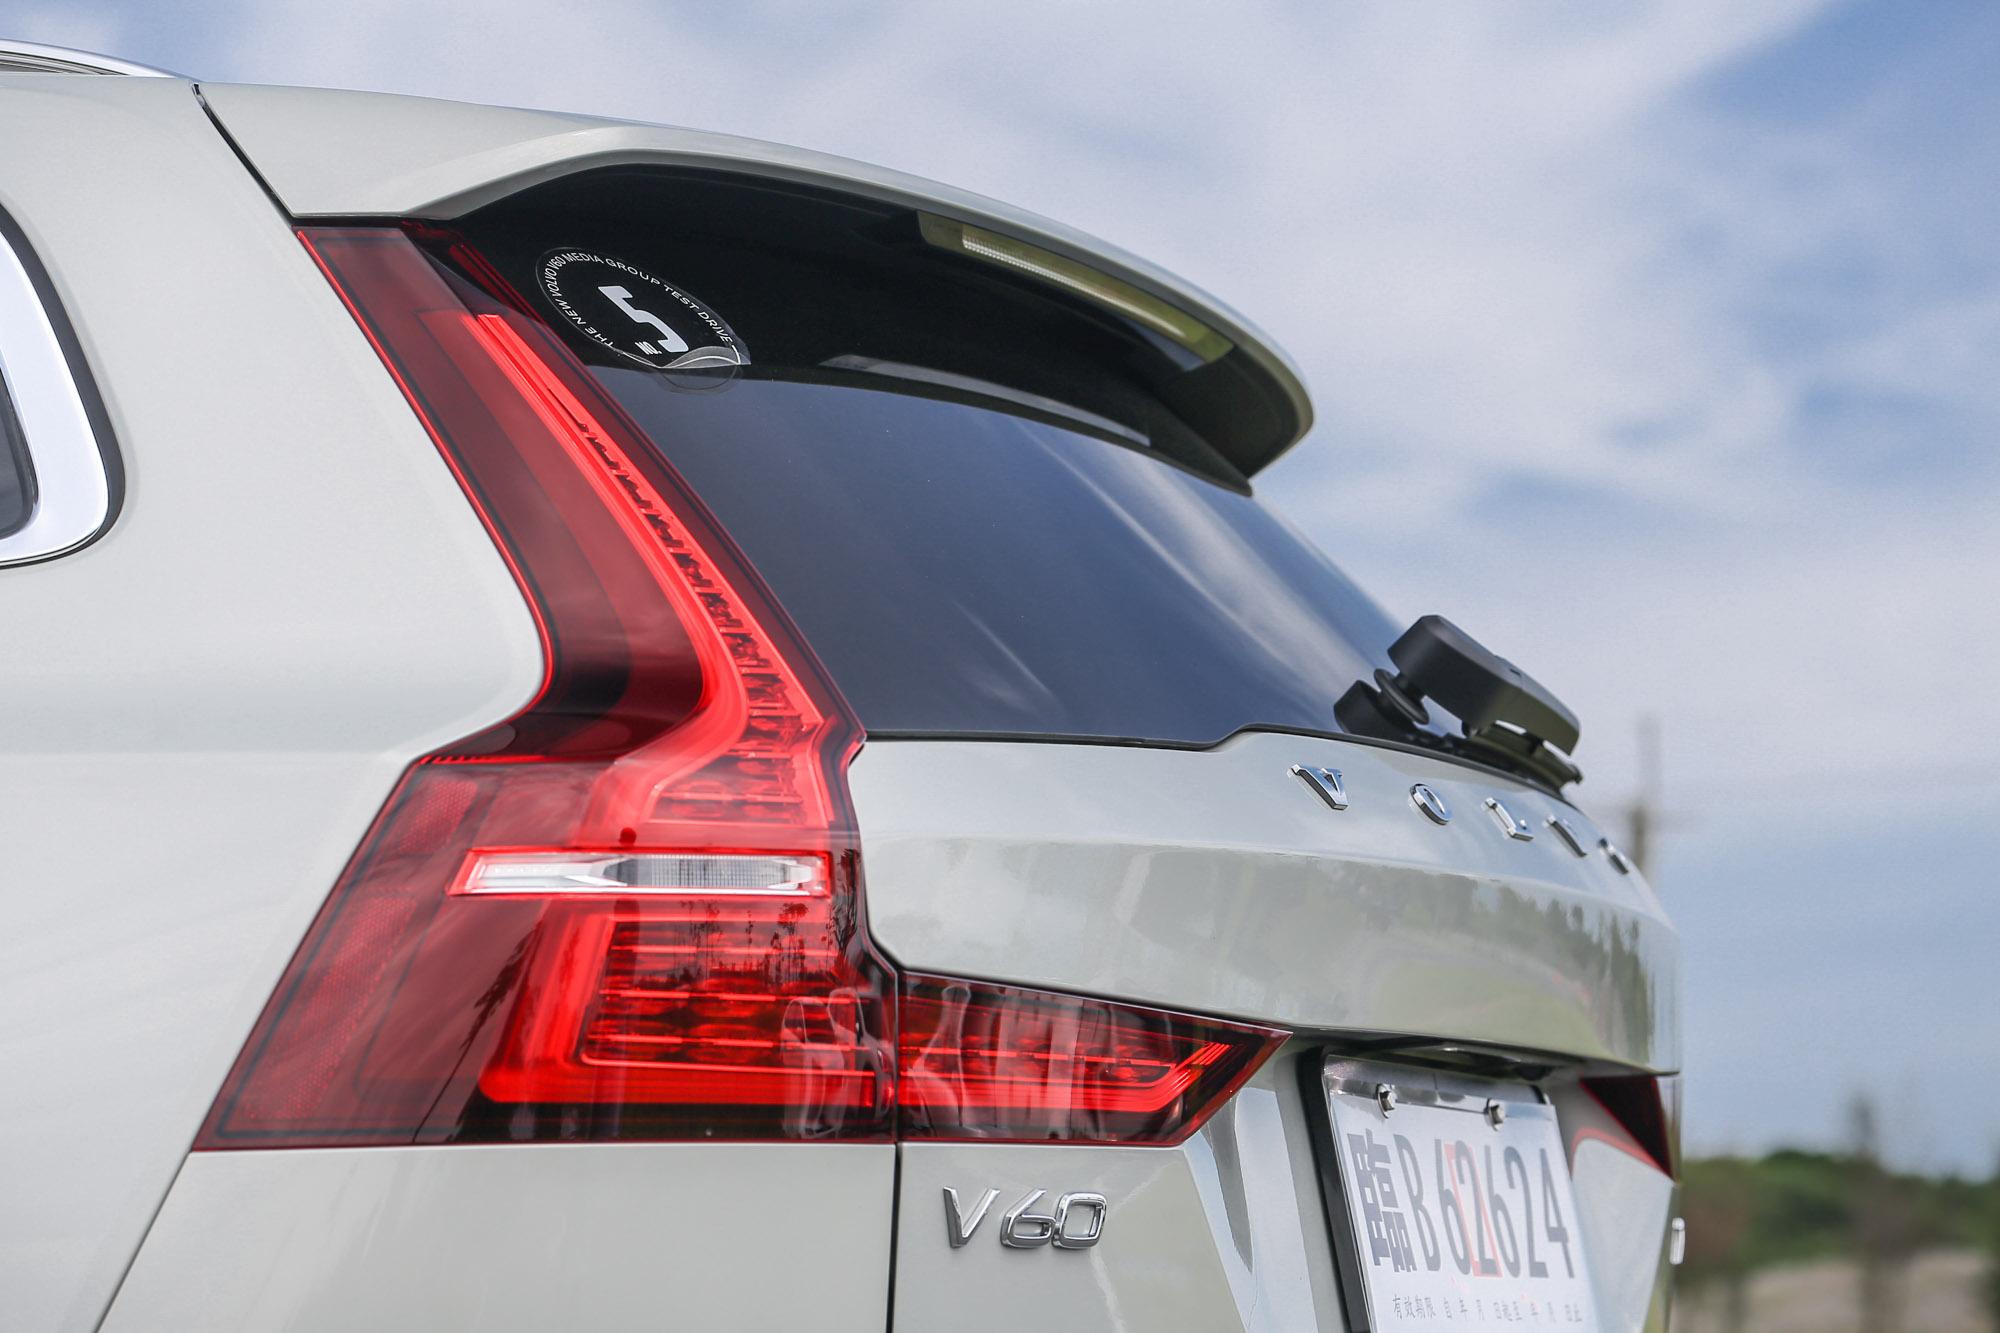 與 V90 家族相當雷同的車尾設計,並透過更直挺的 D 柱提高車室空間表現。